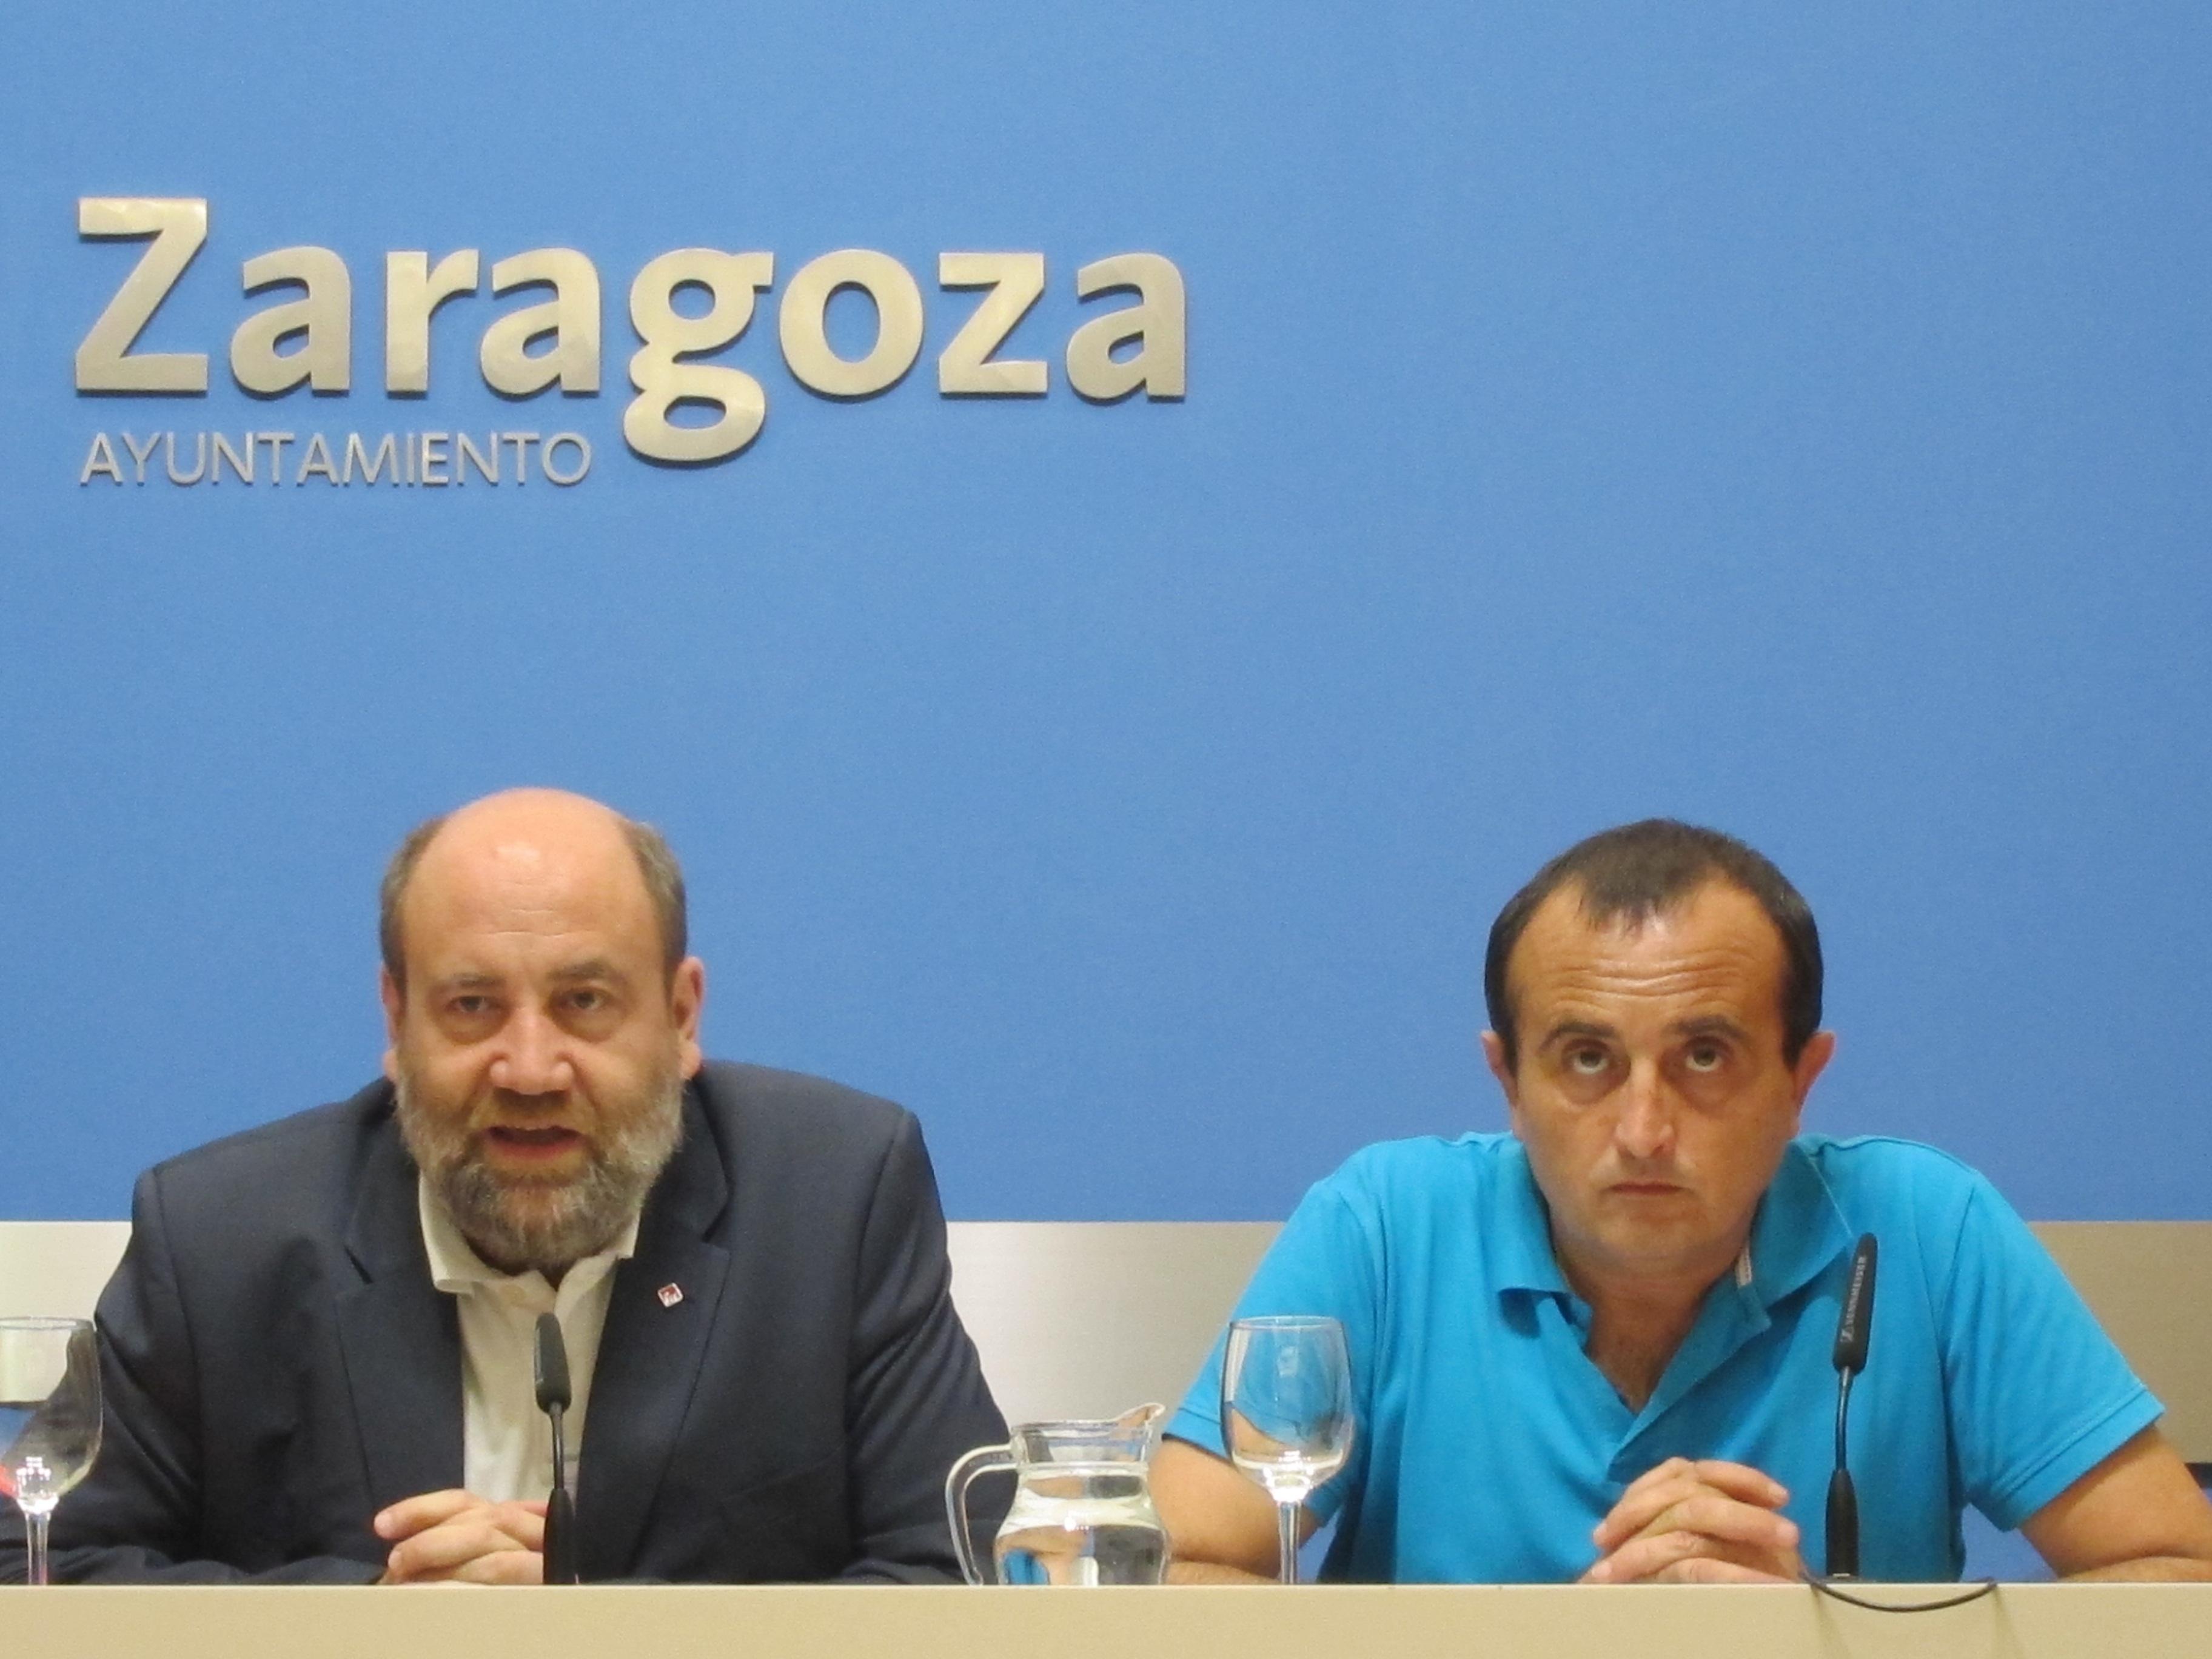 IU recuerda que no comunicar al Ayuntamiento la venta de AUZ puede conllevar multa o revocar la contrata